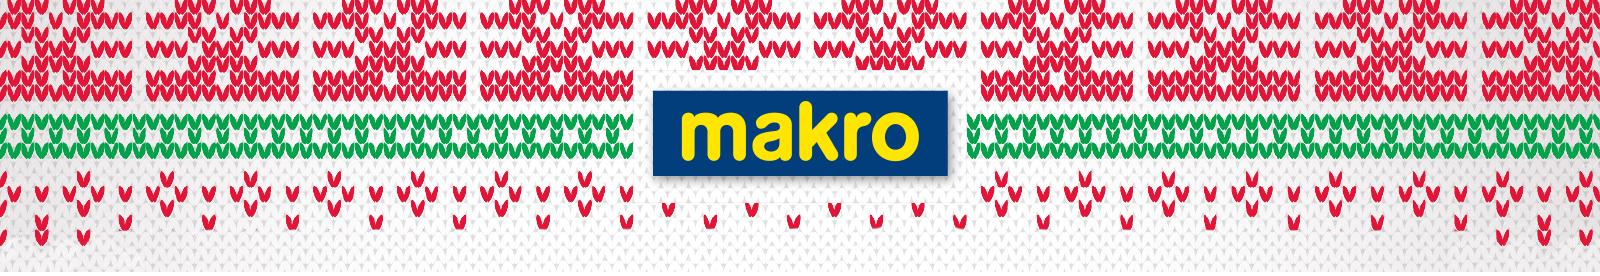 MAKRO Christmas Header